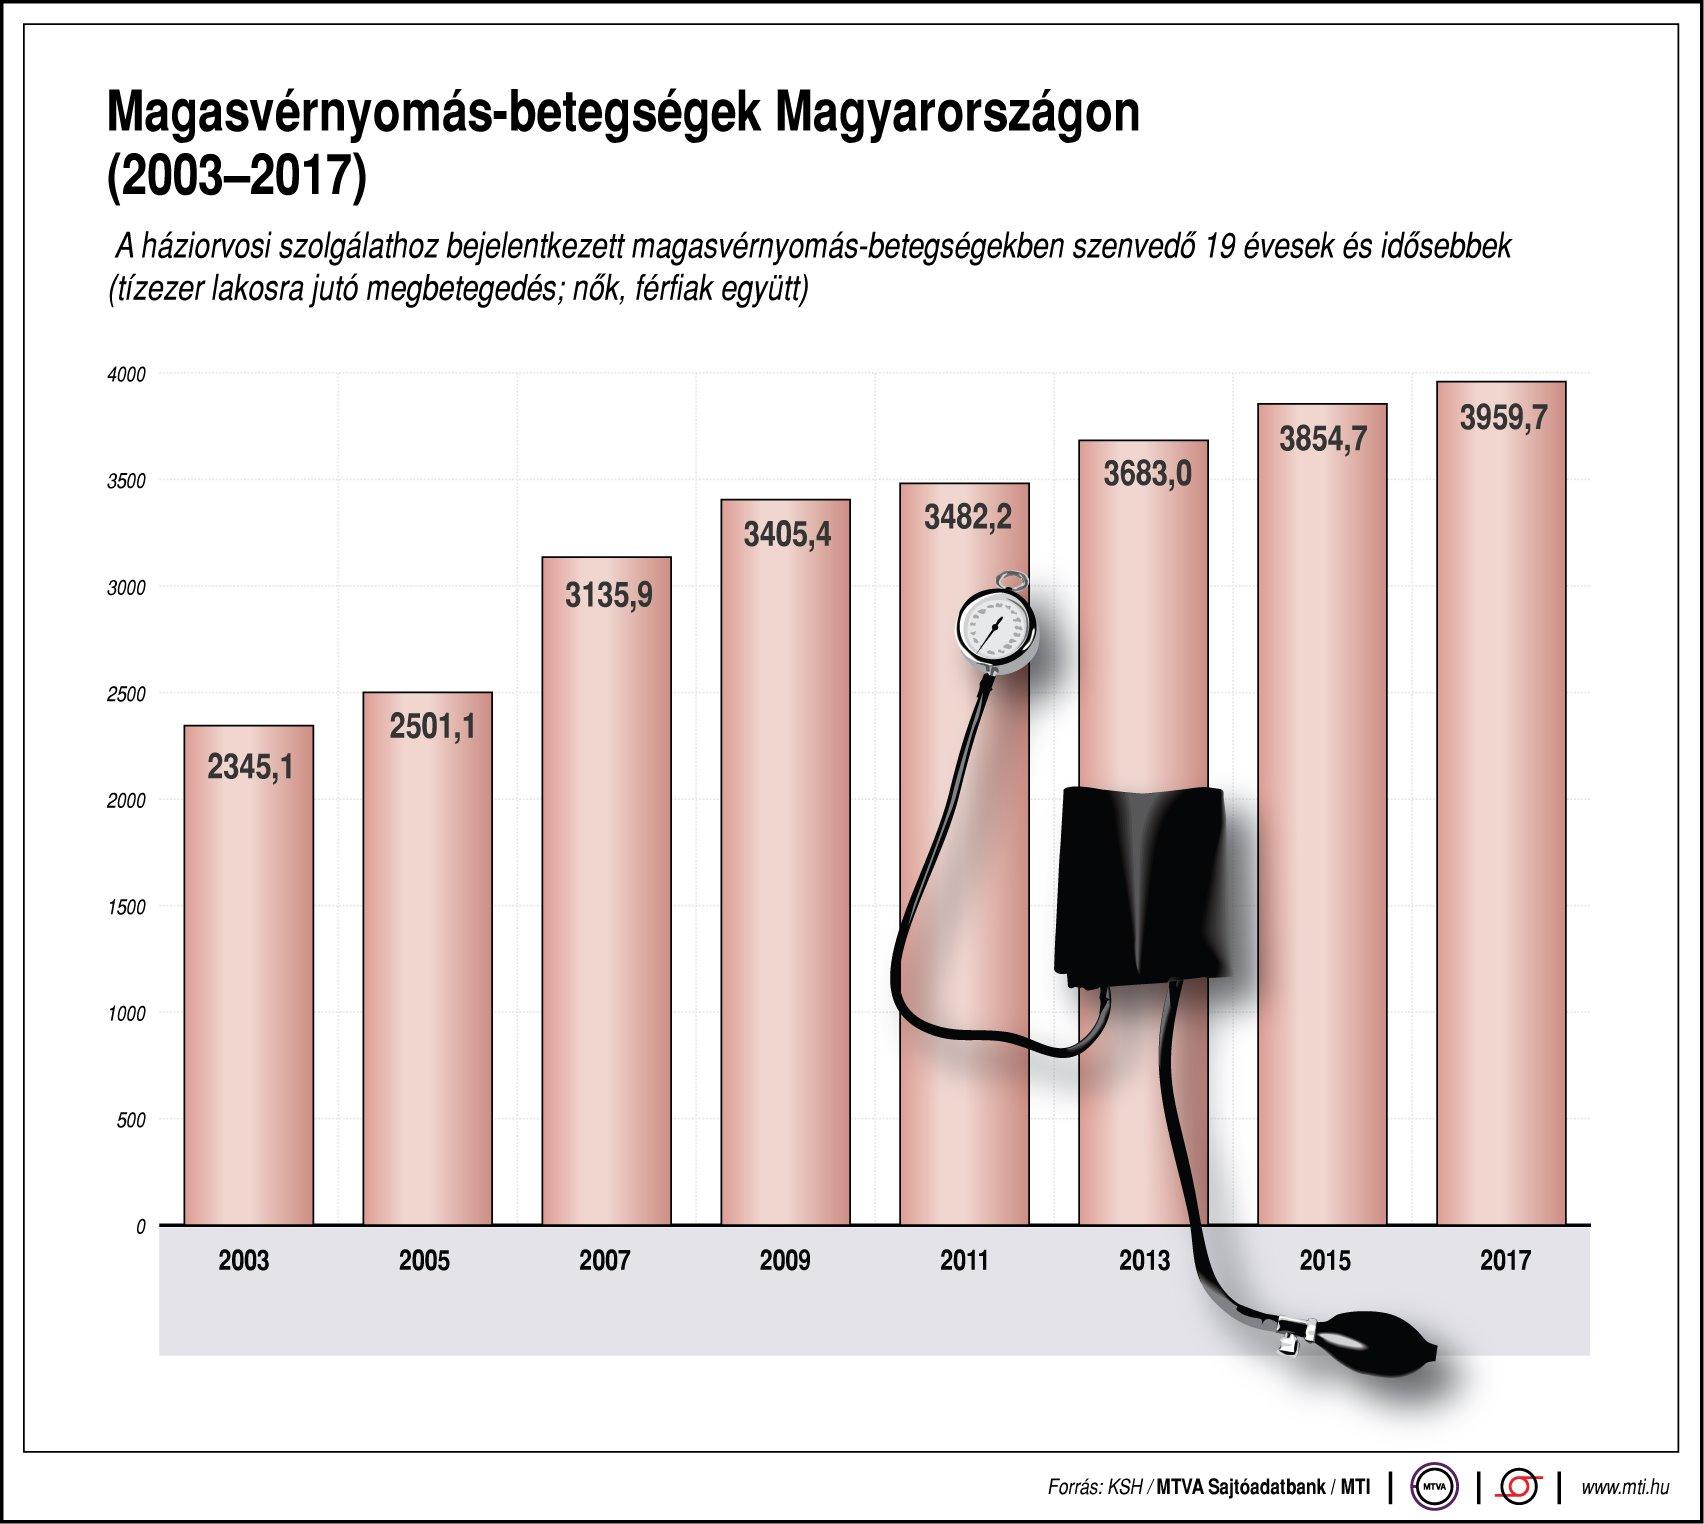 magas vérnyomás és radon kezelés)